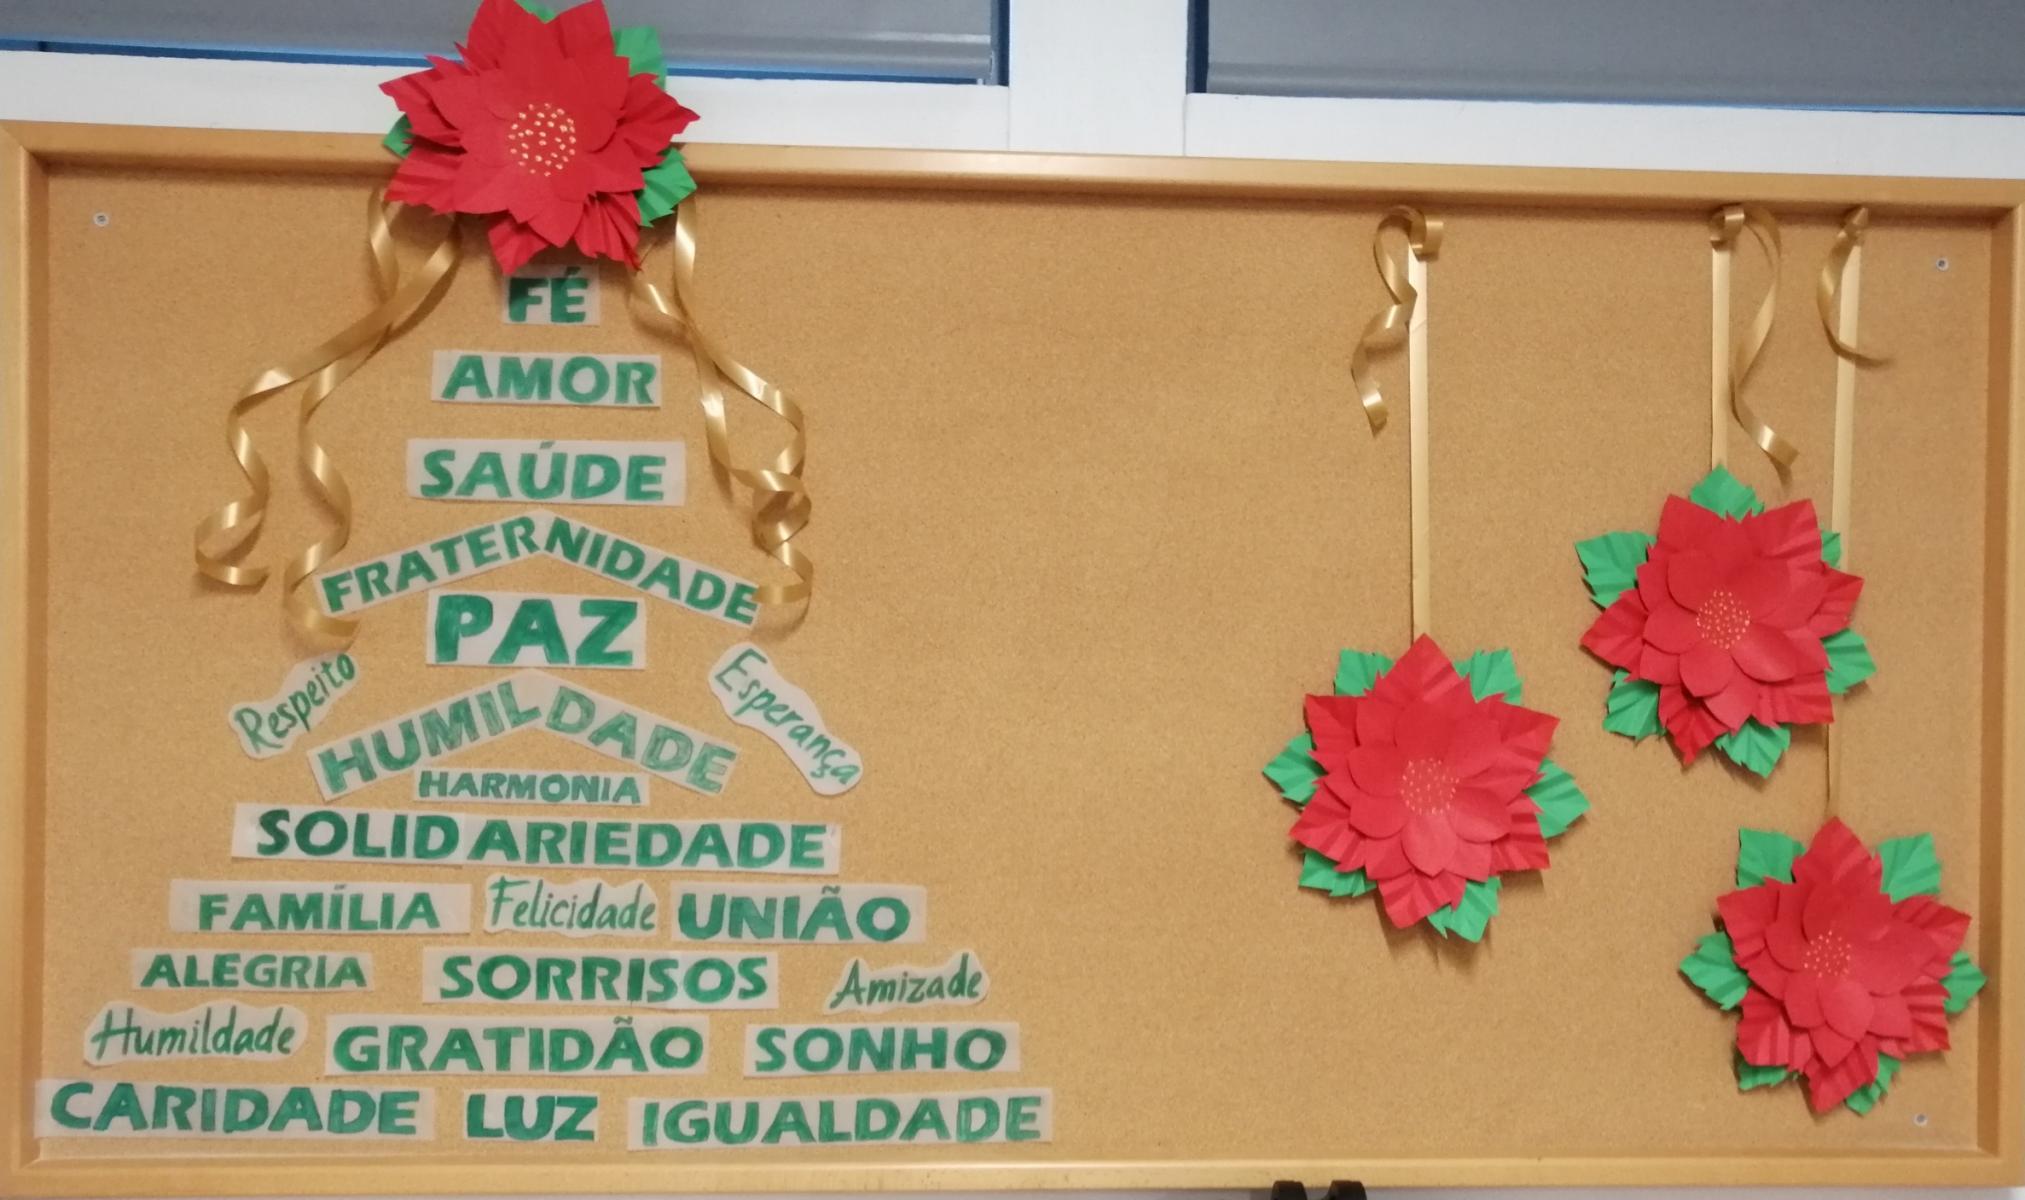 Decoração do recinto escolar com motivos natalícios.